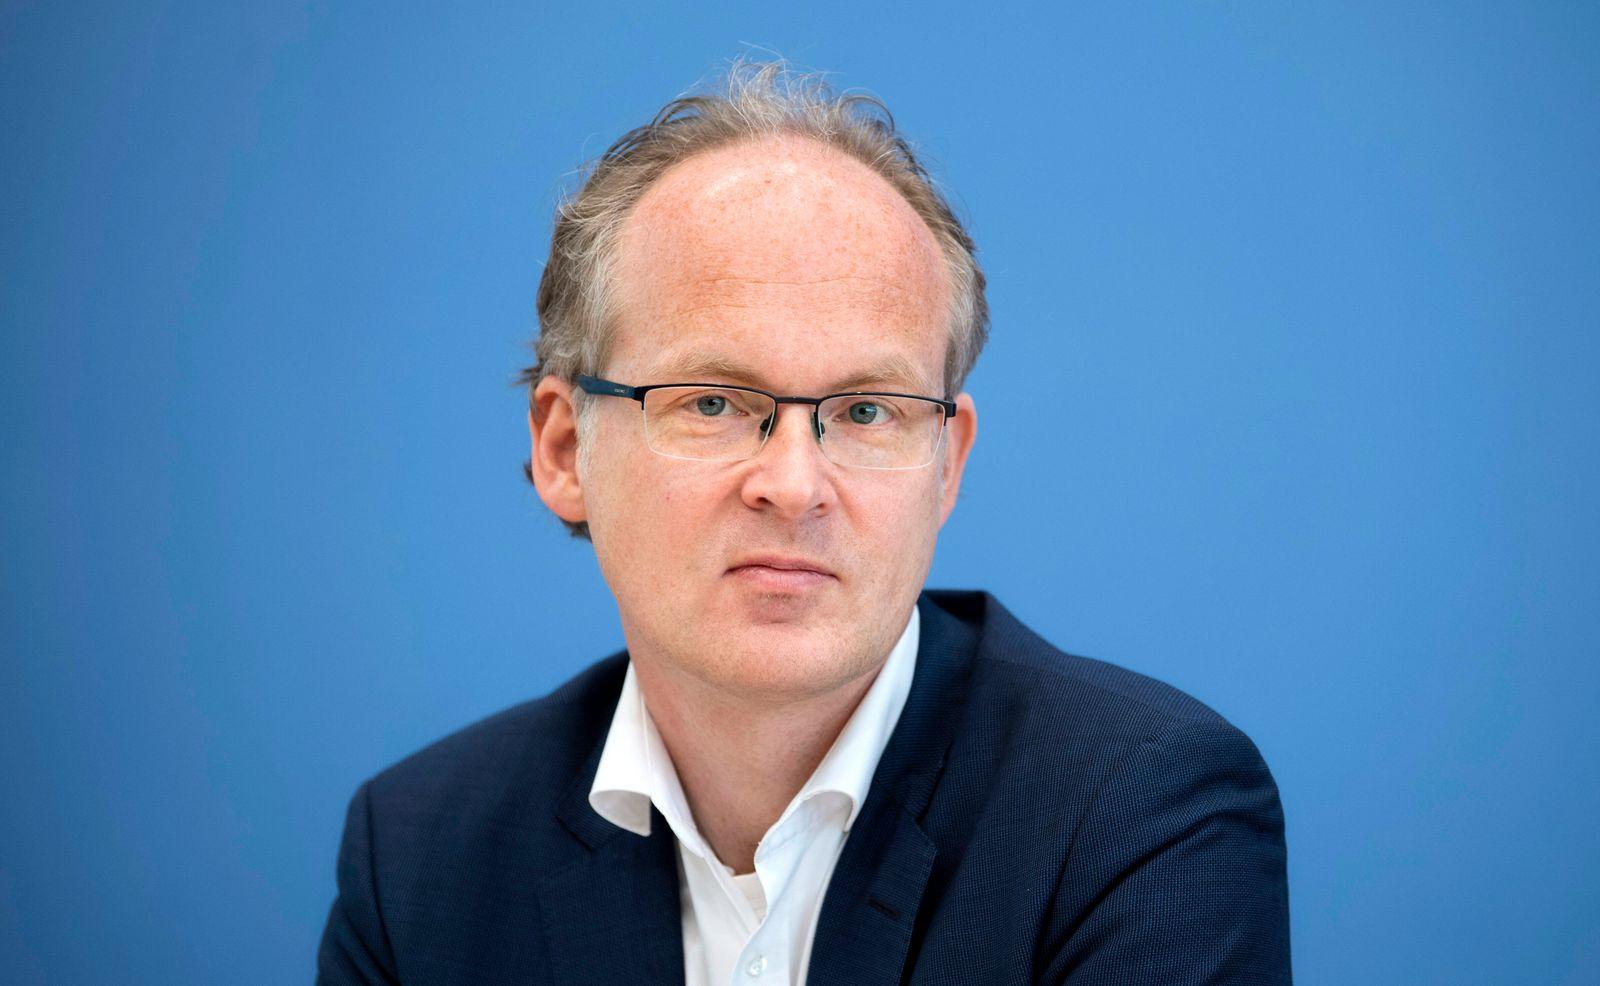 Prof. Sebastian Dullien DEU, Deutschland, Germany, Berlin, 25.05.2020 Prof. Sebastian Dullien, Institut fuer Makrooekono